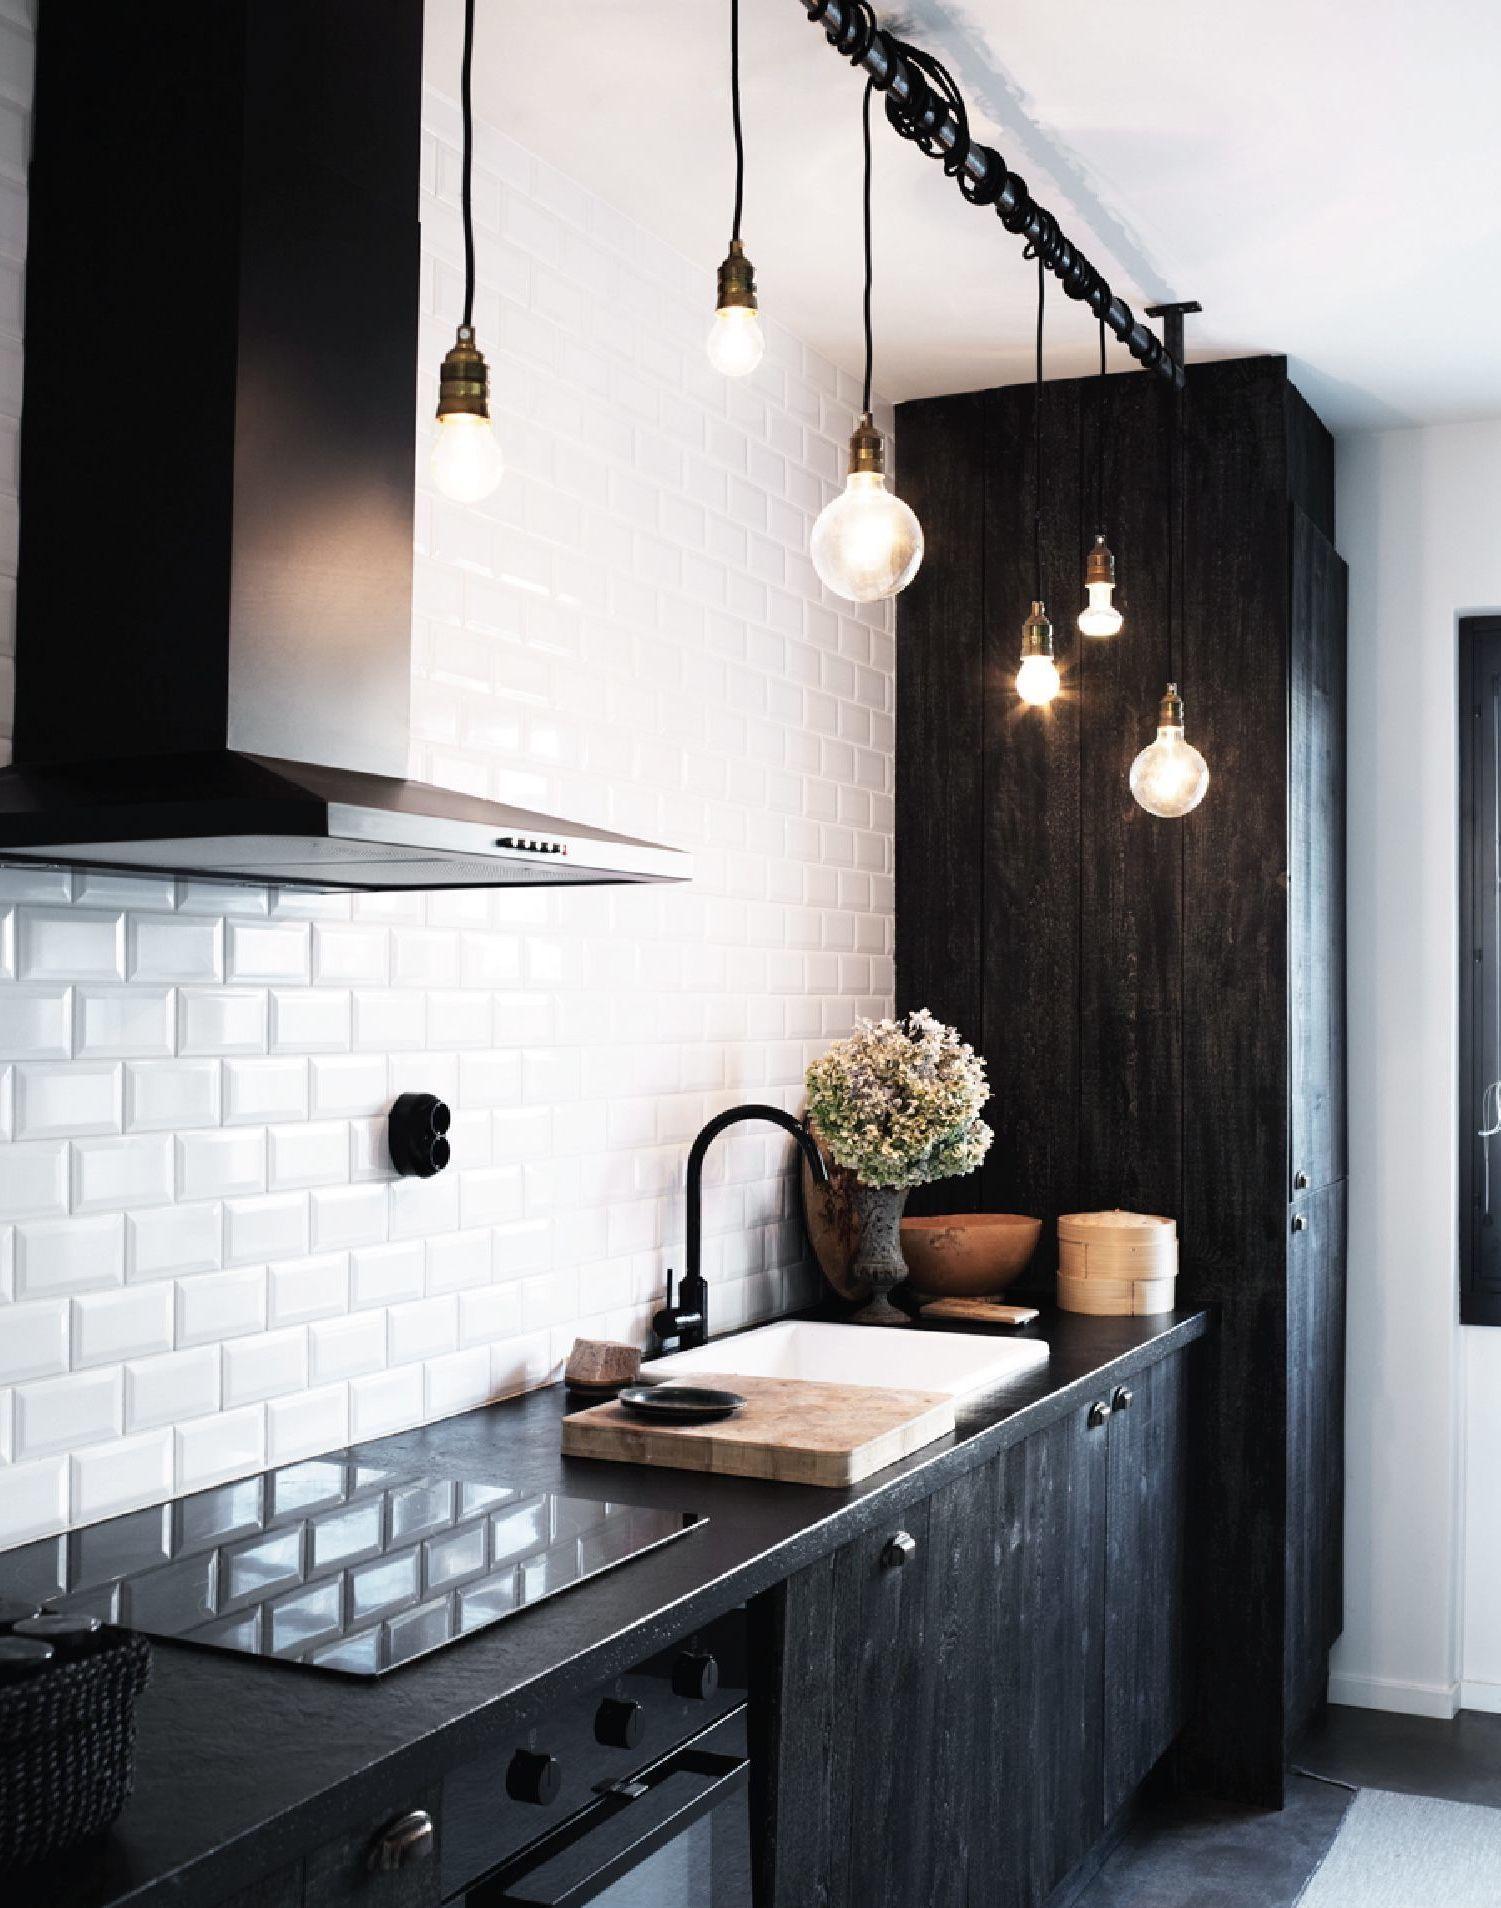 Cocina con aires rústicos, iluminada por bombillas de diferentes tamaños Singular Market